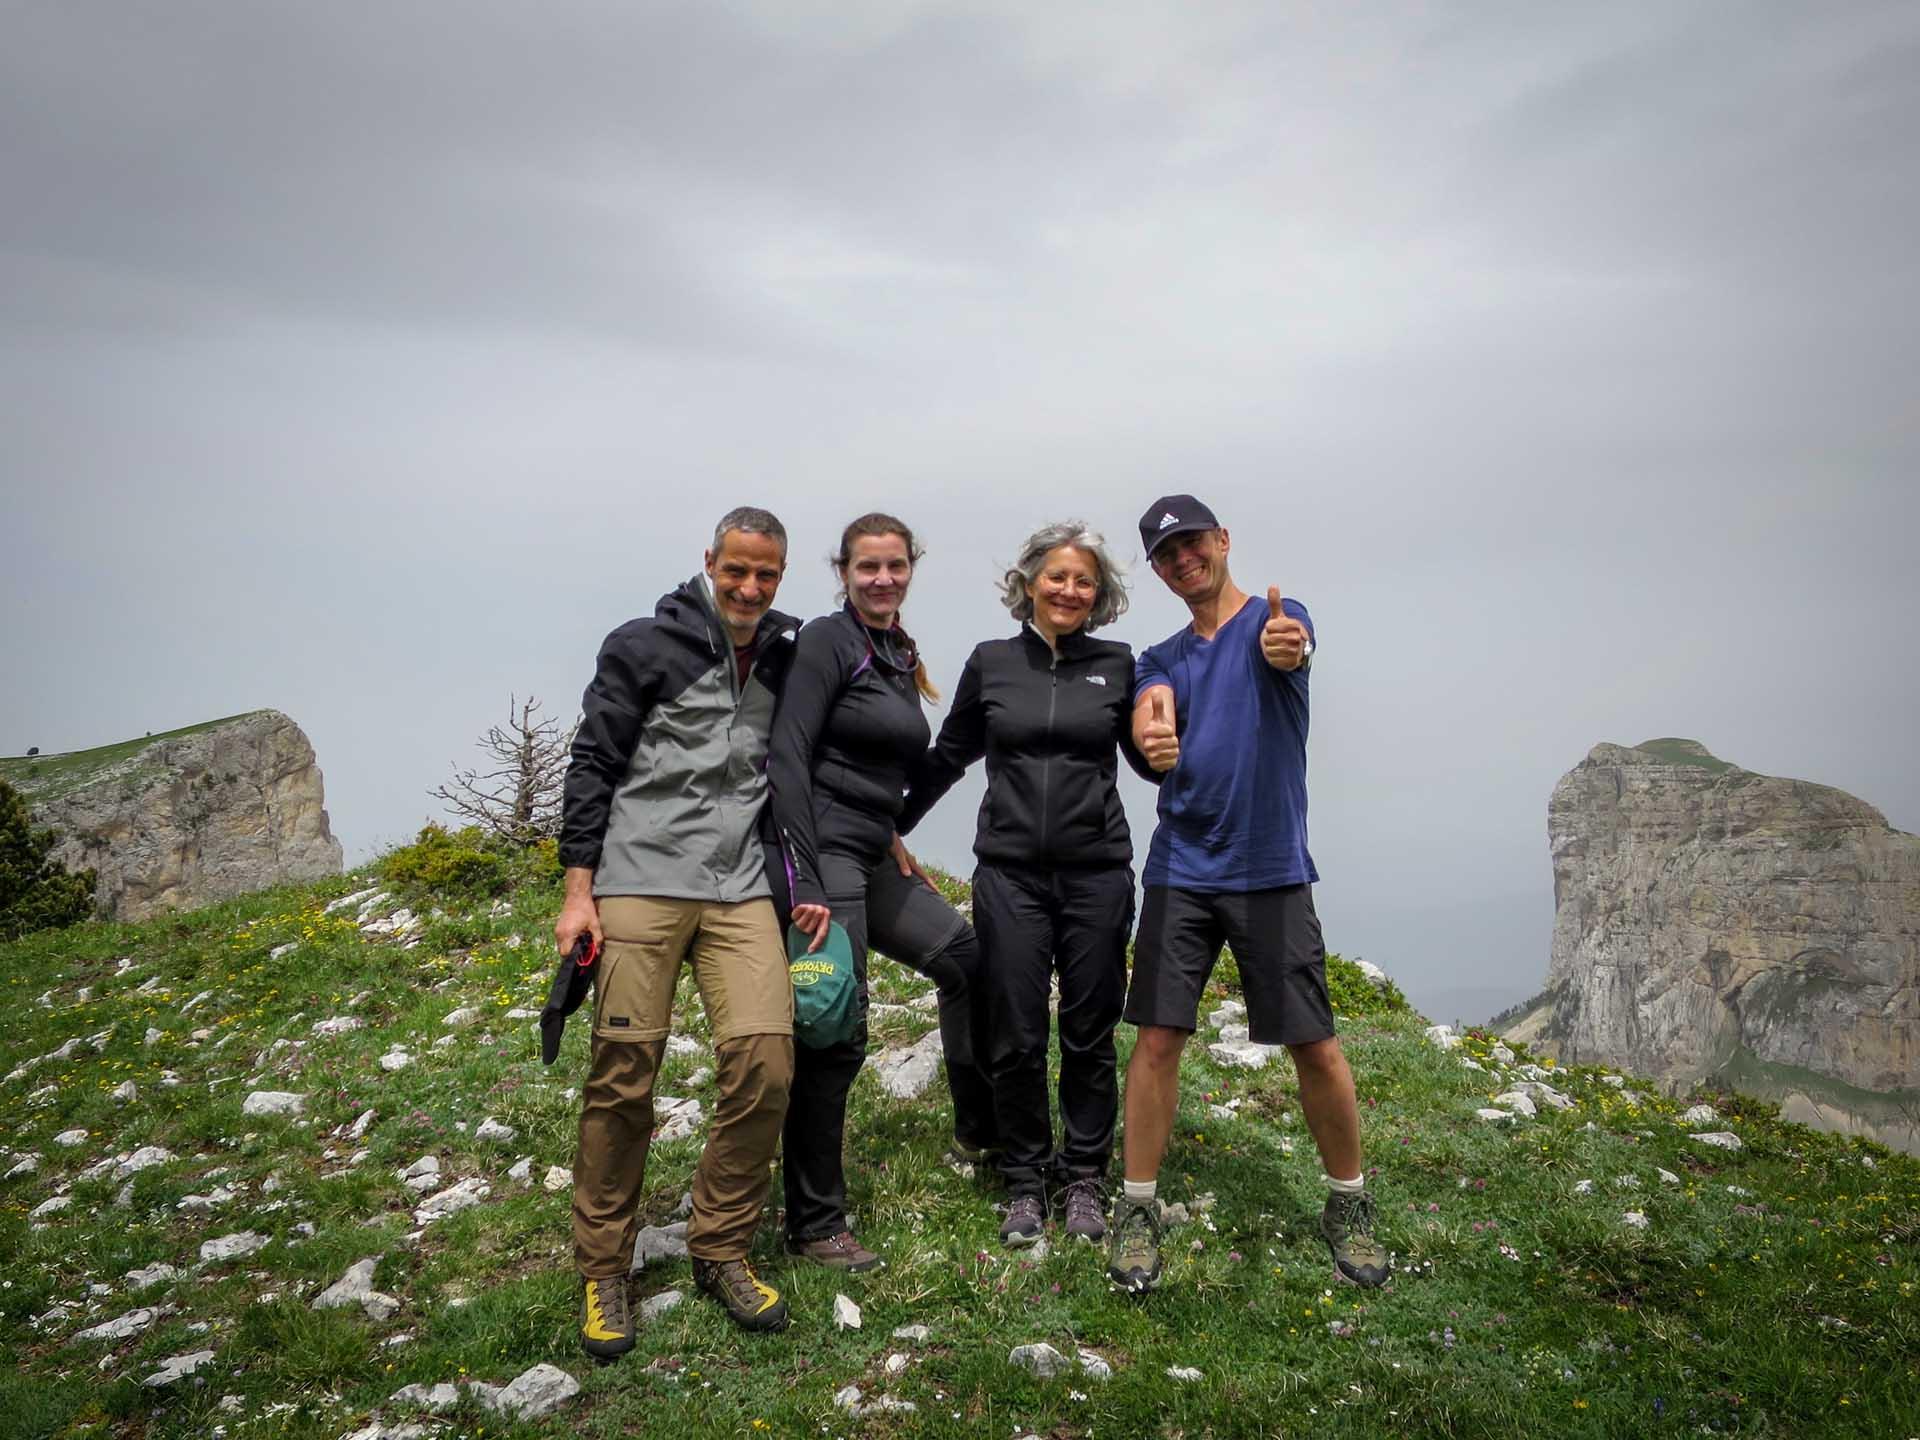 Slow Rando Reserve Hauts Plateaux Vercors Mont Aiguille Rochers Parquet Sommet